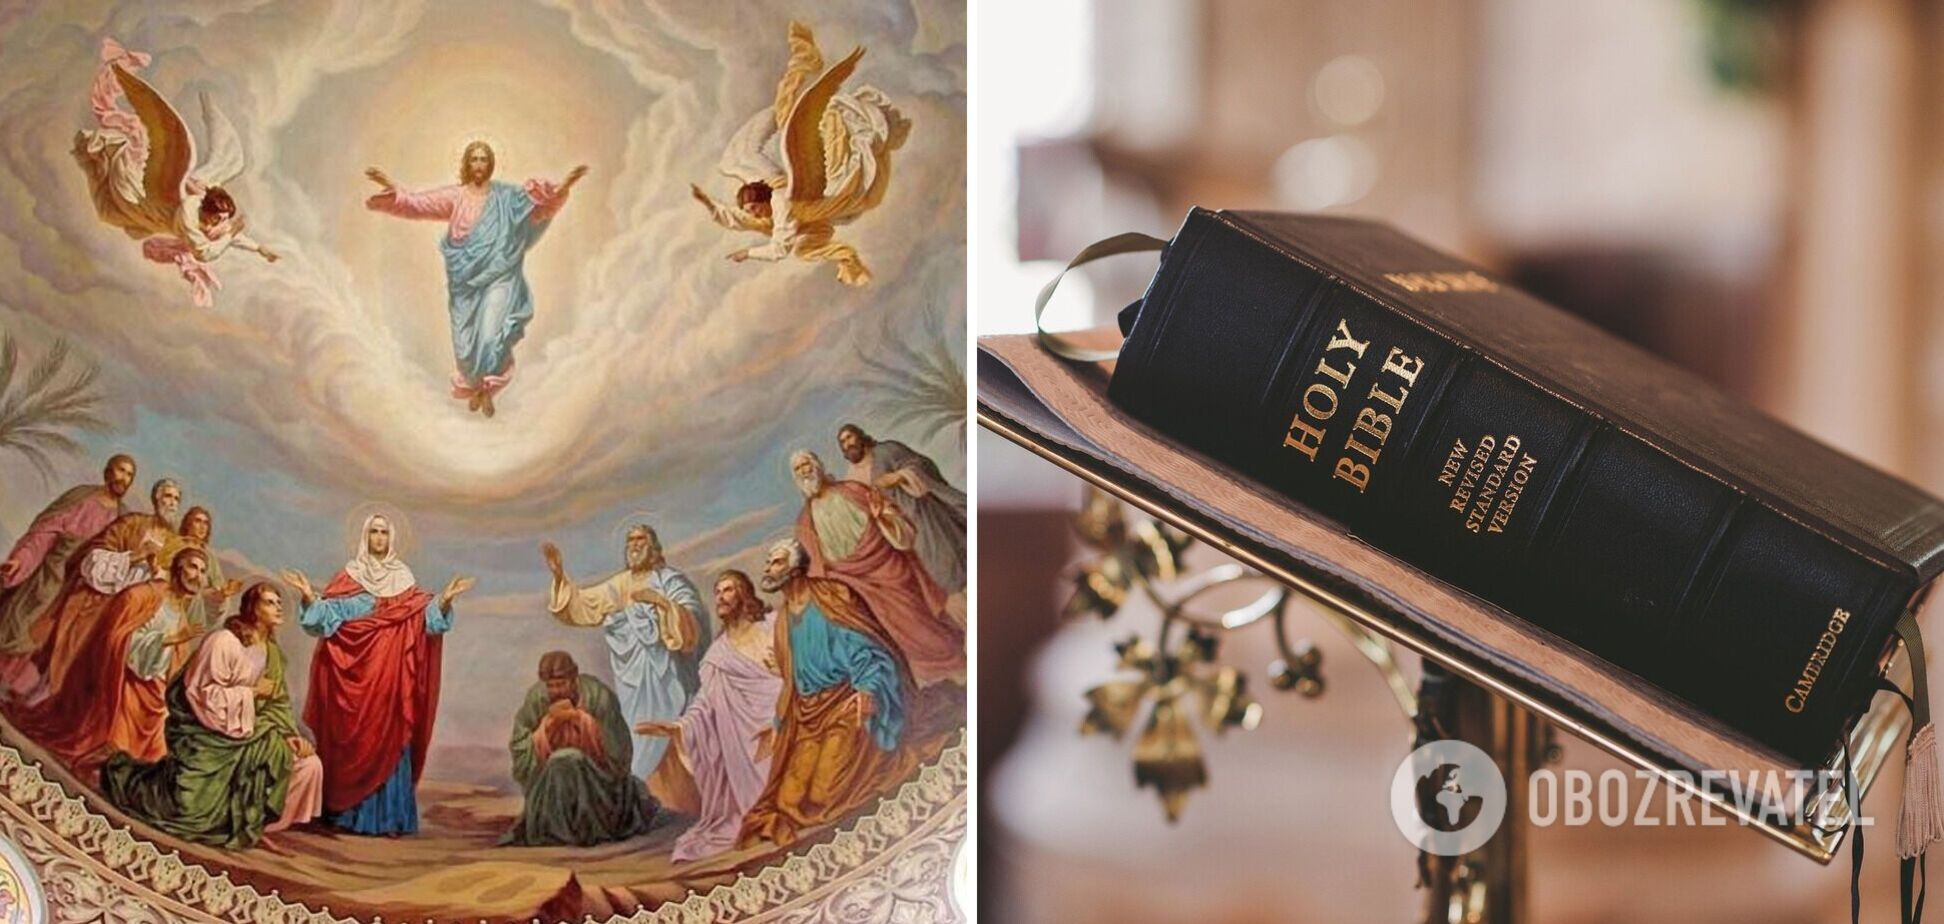 Вознесіння святкують на сороковий день після Великодня – воно завжди випадає на четвер